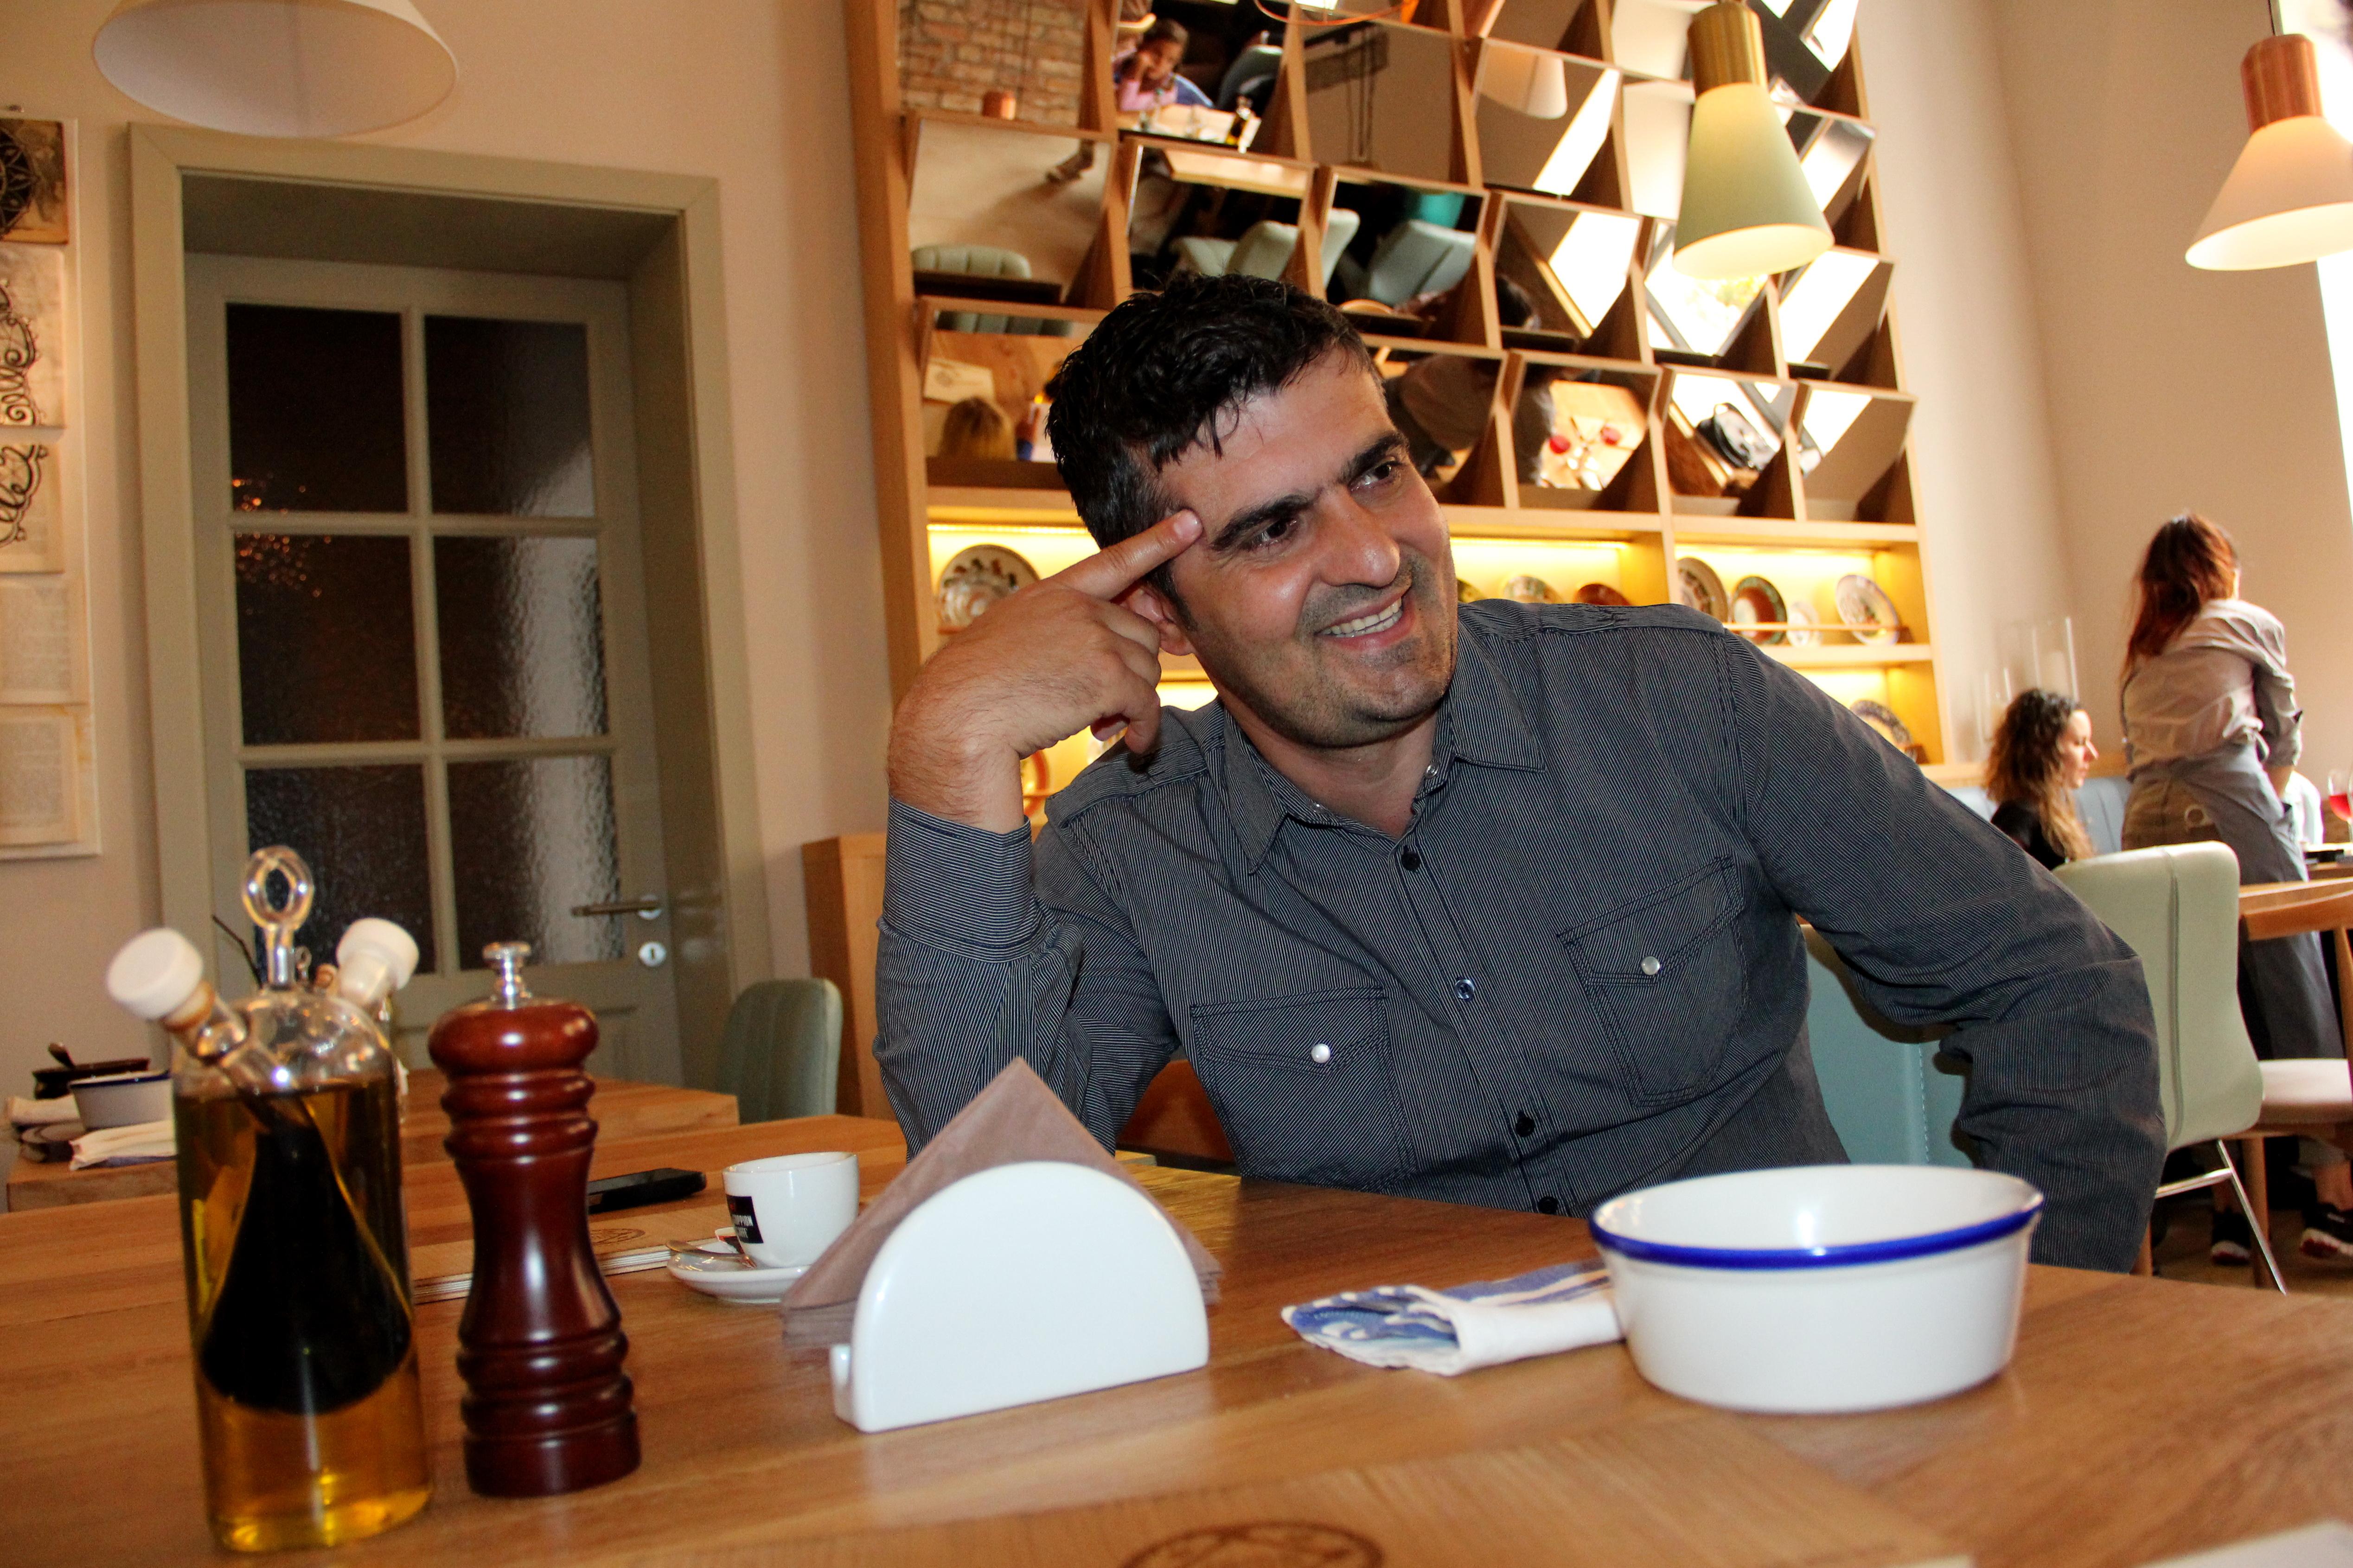 Șerban Petre, proprietarul localului / Foto: Dan Bodea